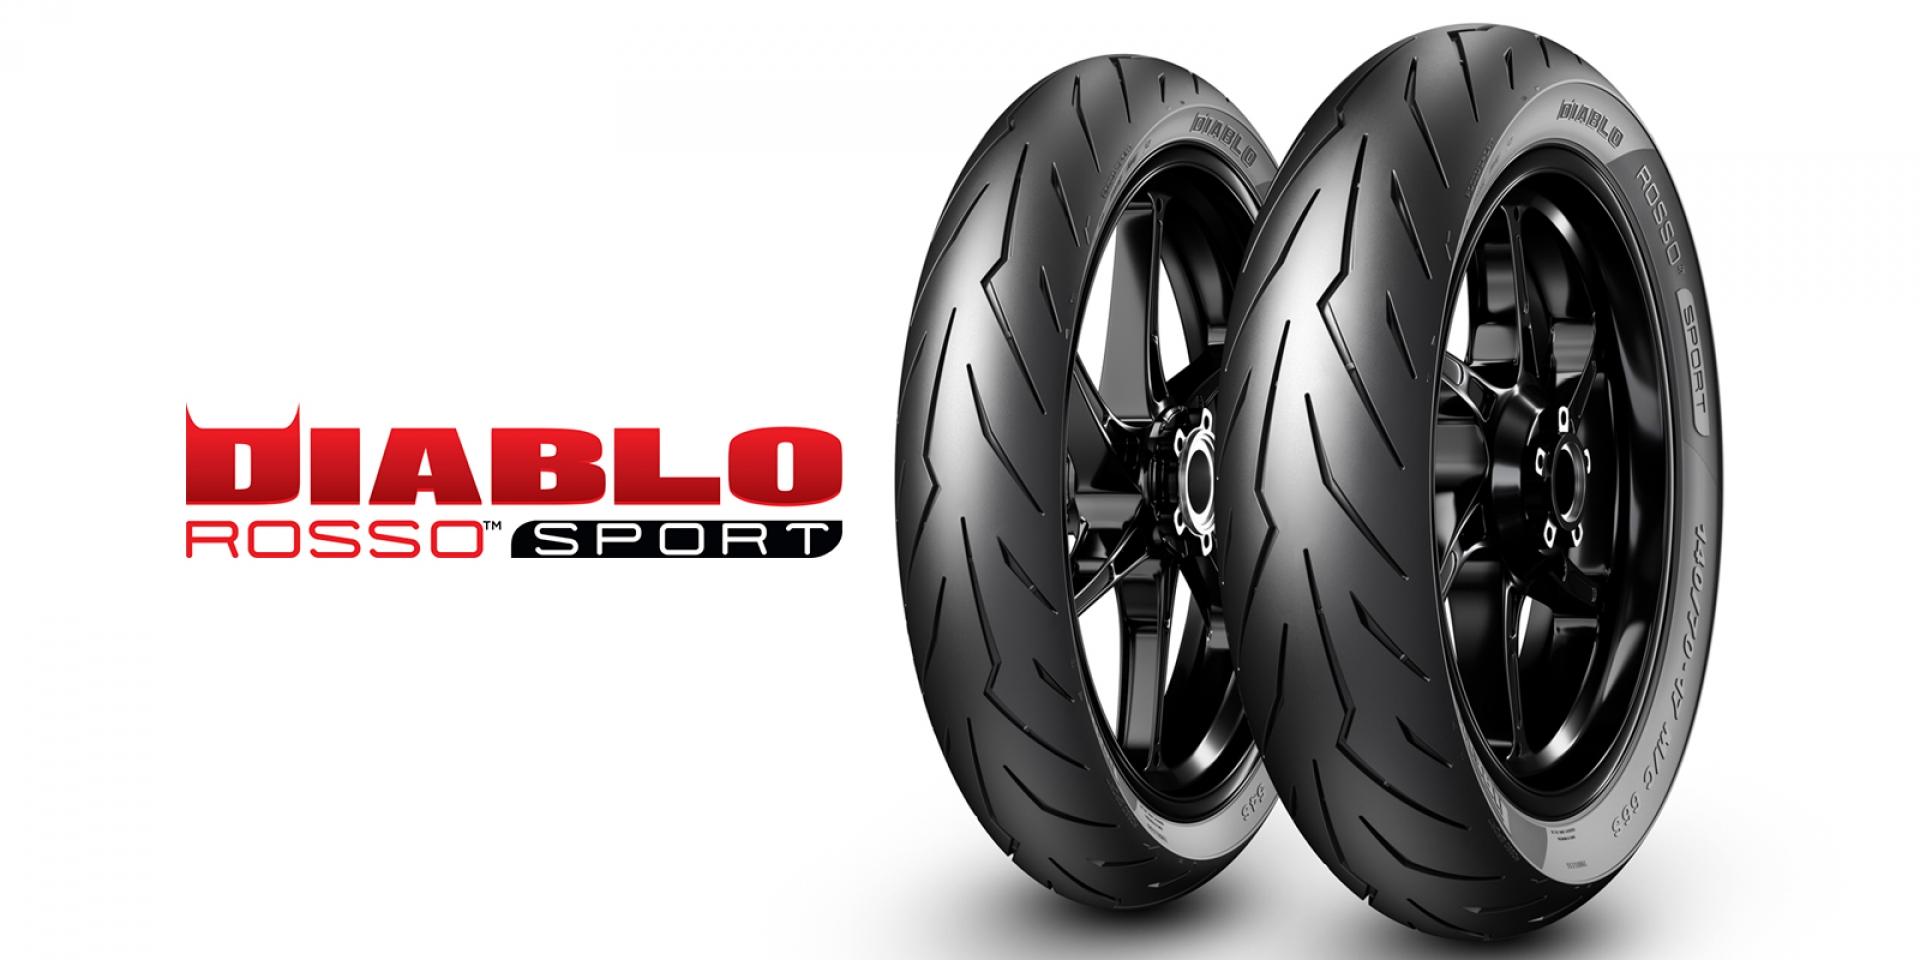 官方新聞稿。專為輕檔推出的道路運動胎款 PIRELLI DIABLO ROSSO™ SPORT全新發表!